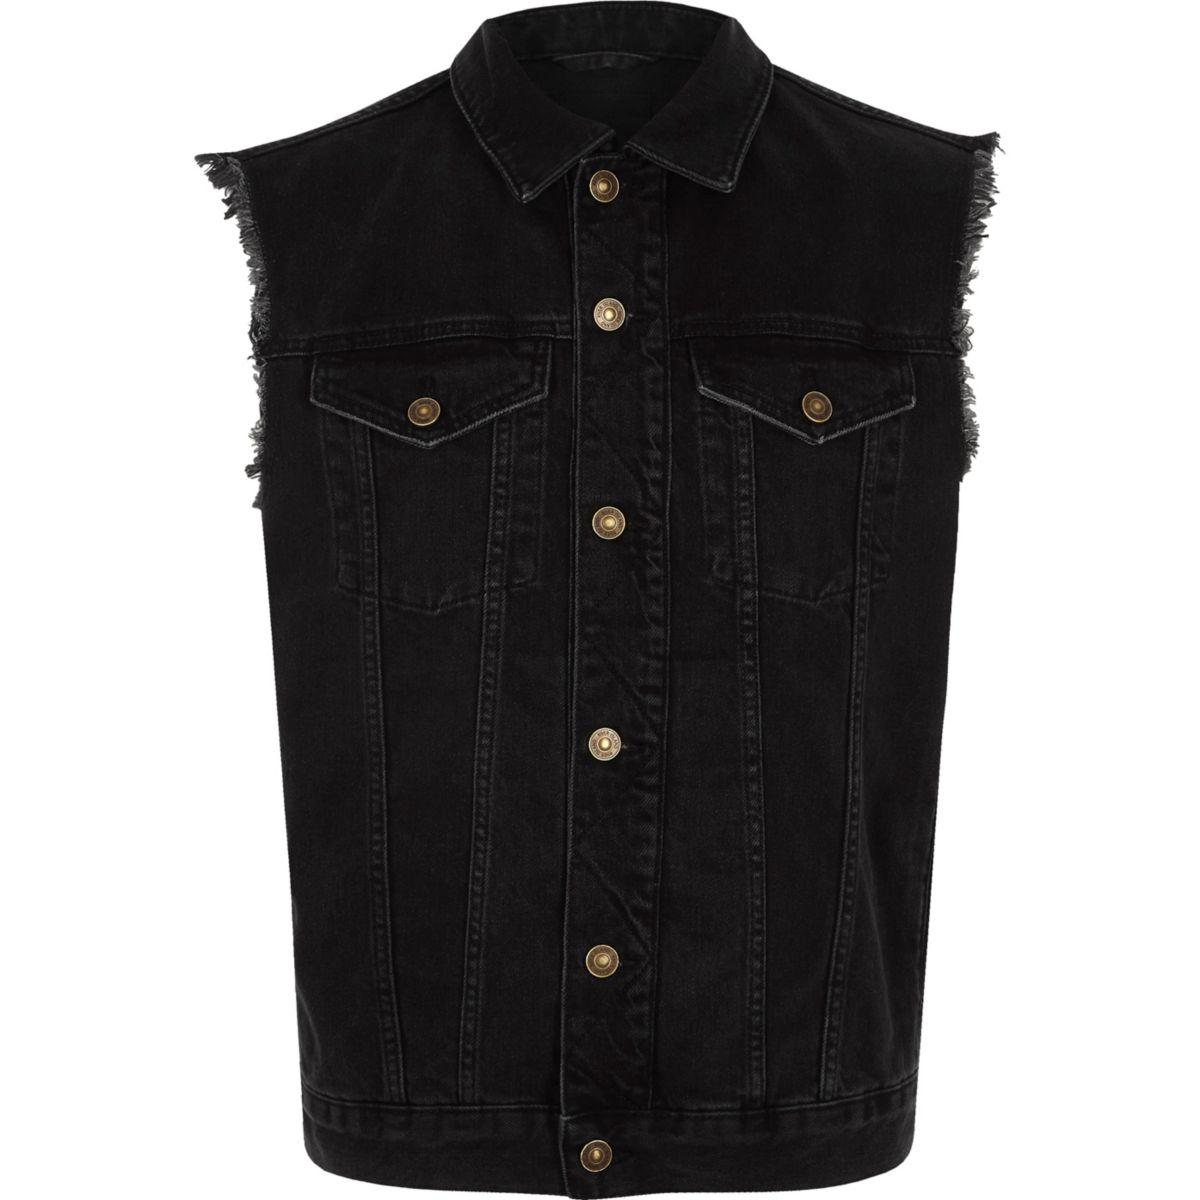 Black sleeveless frayed denim jacket